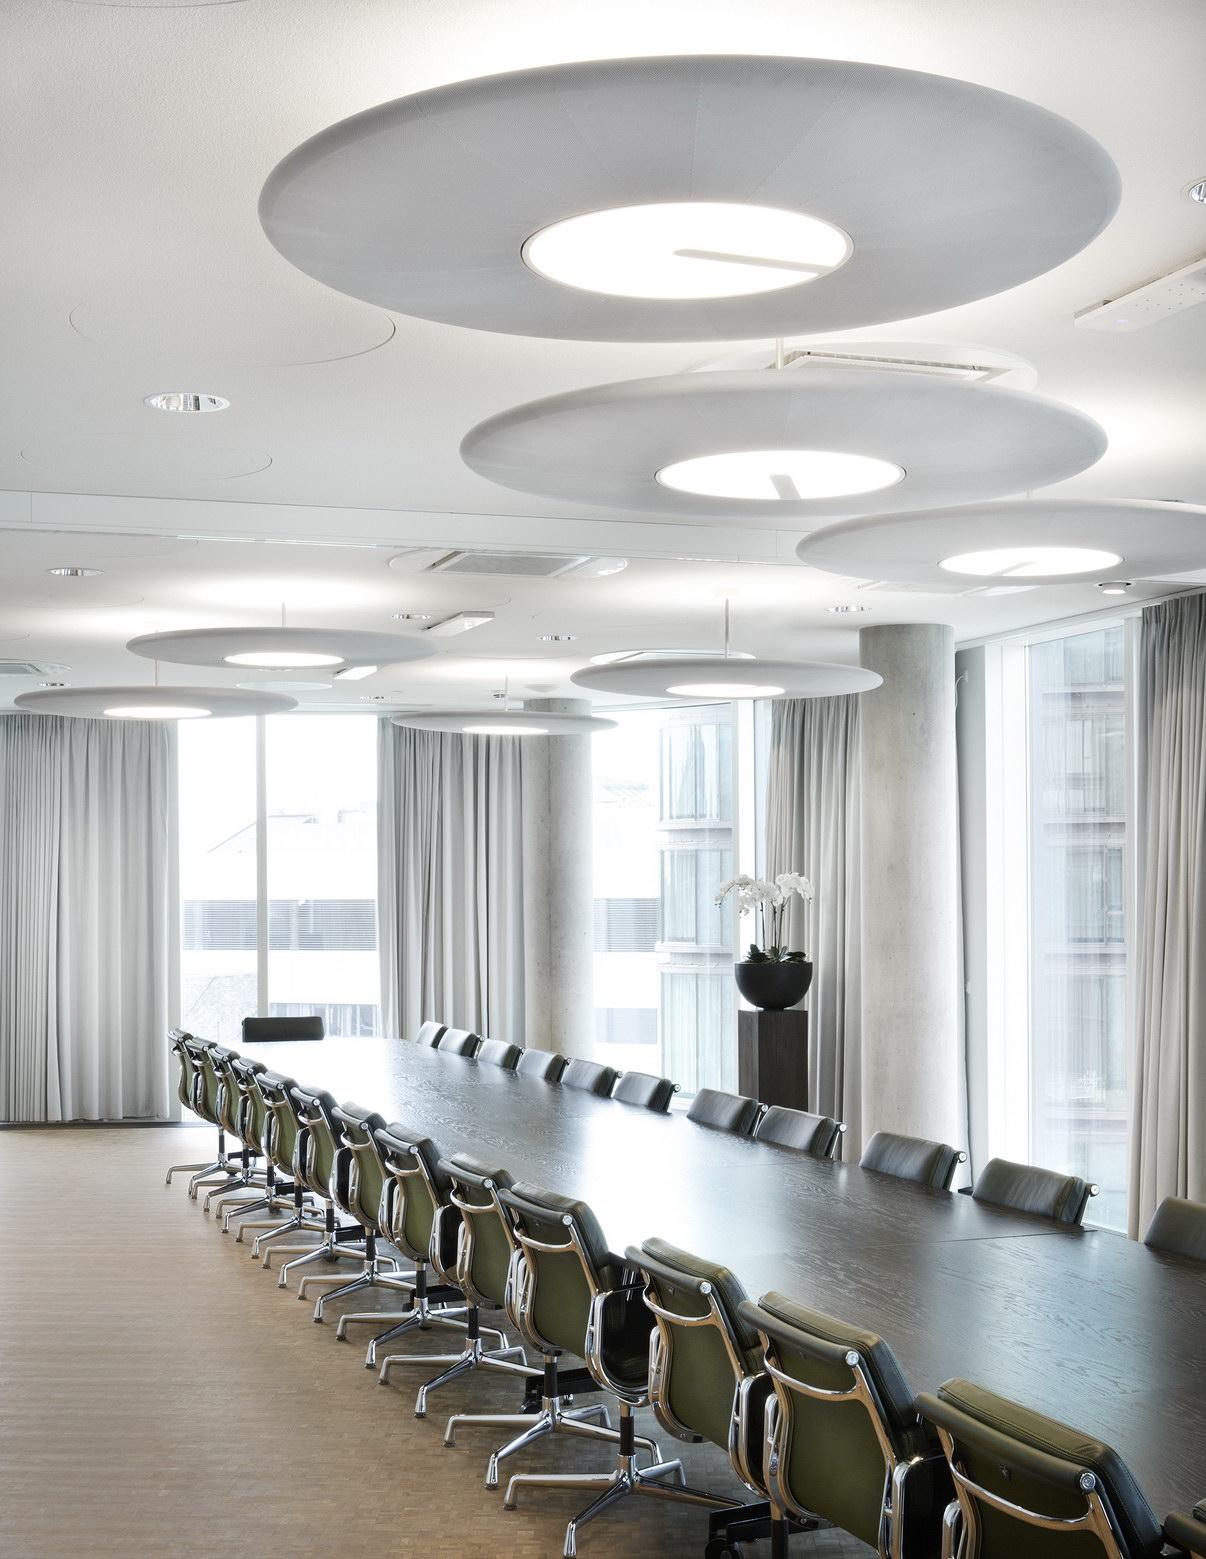 6 - Møderum køkken - Henderson